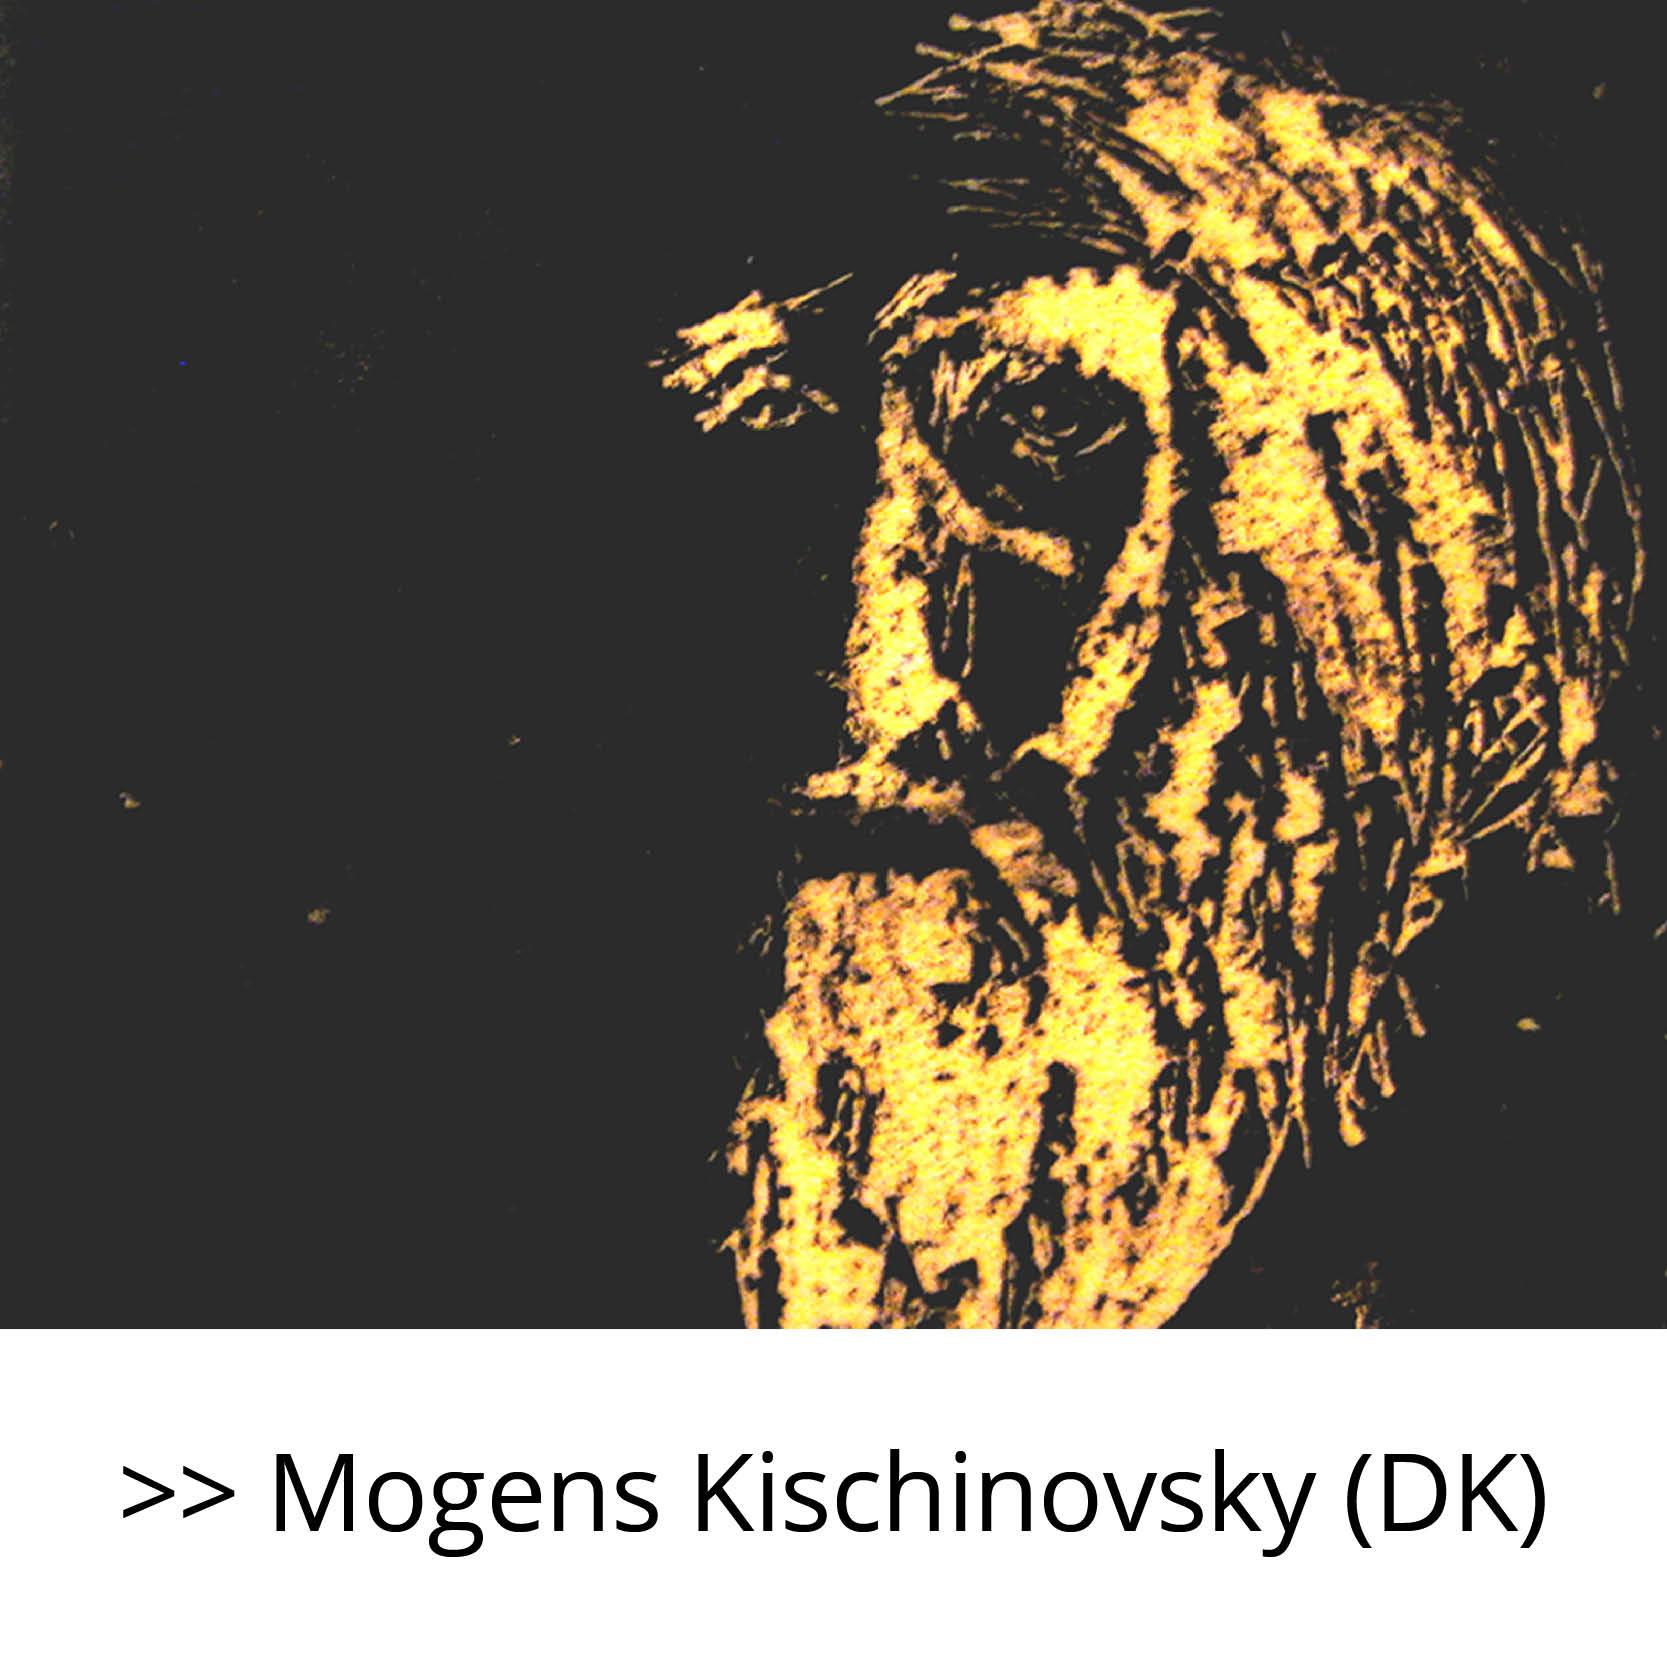 Mogens_Kischinovsky_(DK)